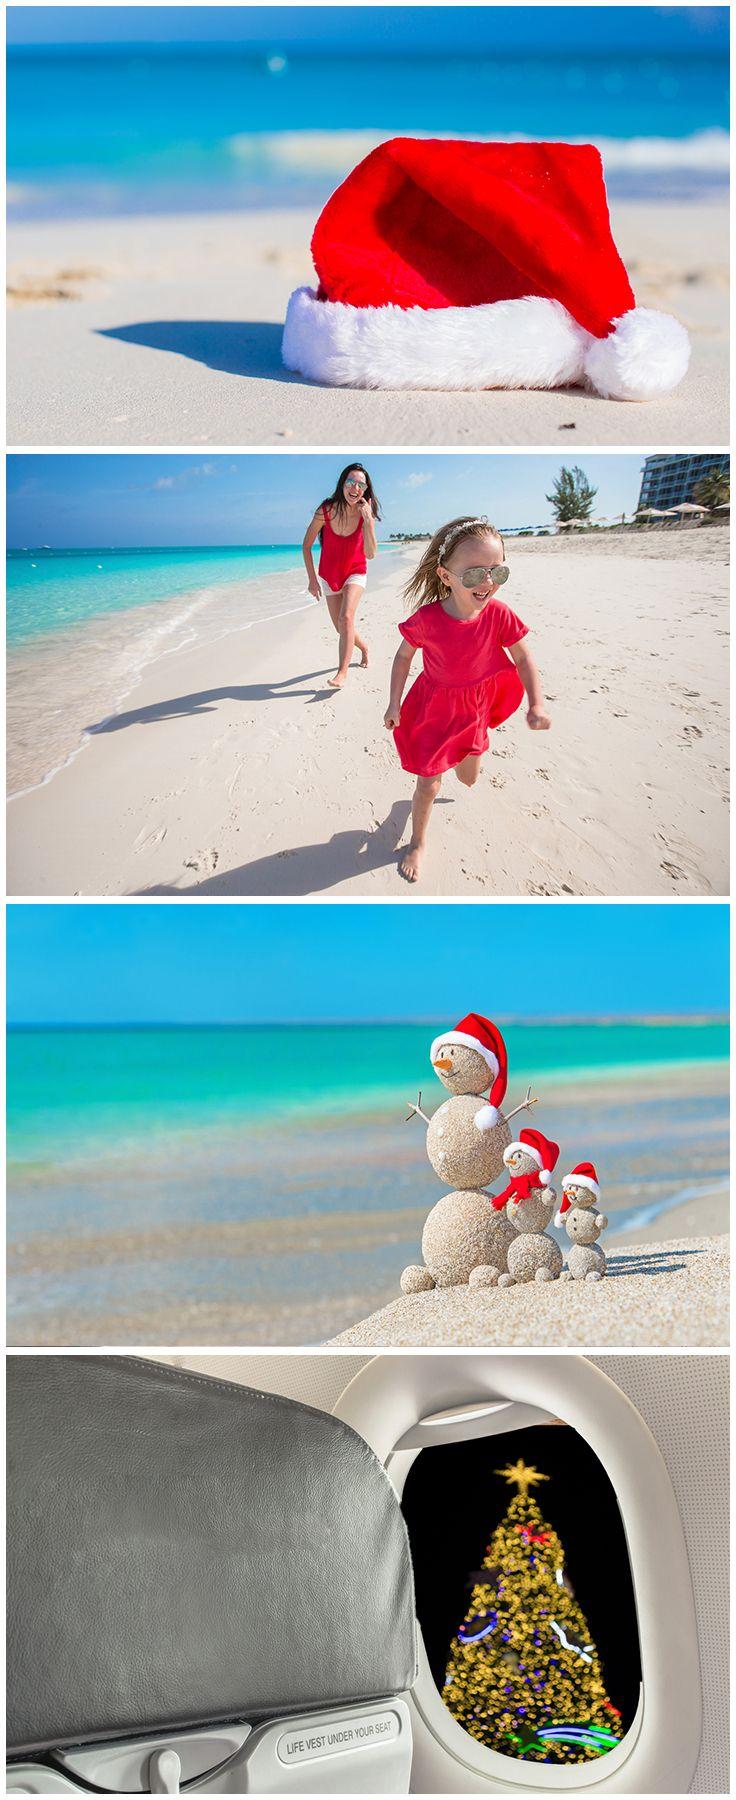 Auf geht's an den Strand, mit vielen günstigen Angeboten für Reisen über Weihnachten - Buche jetzt deinen Urlaub via Urlaubspiraten.de